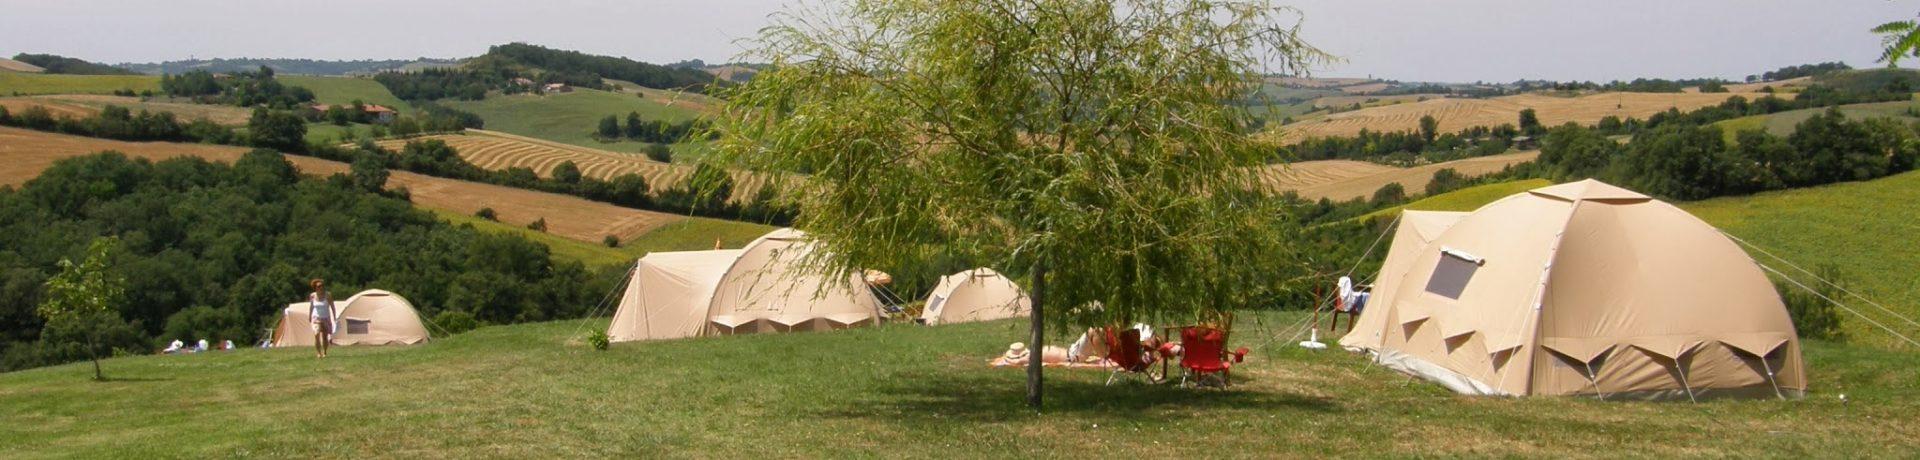 Charme camping Domaine au Piet in Montpézat is een kleine camping met zwembad in de Gers, Occitanië met Nederlandse eigenaren.